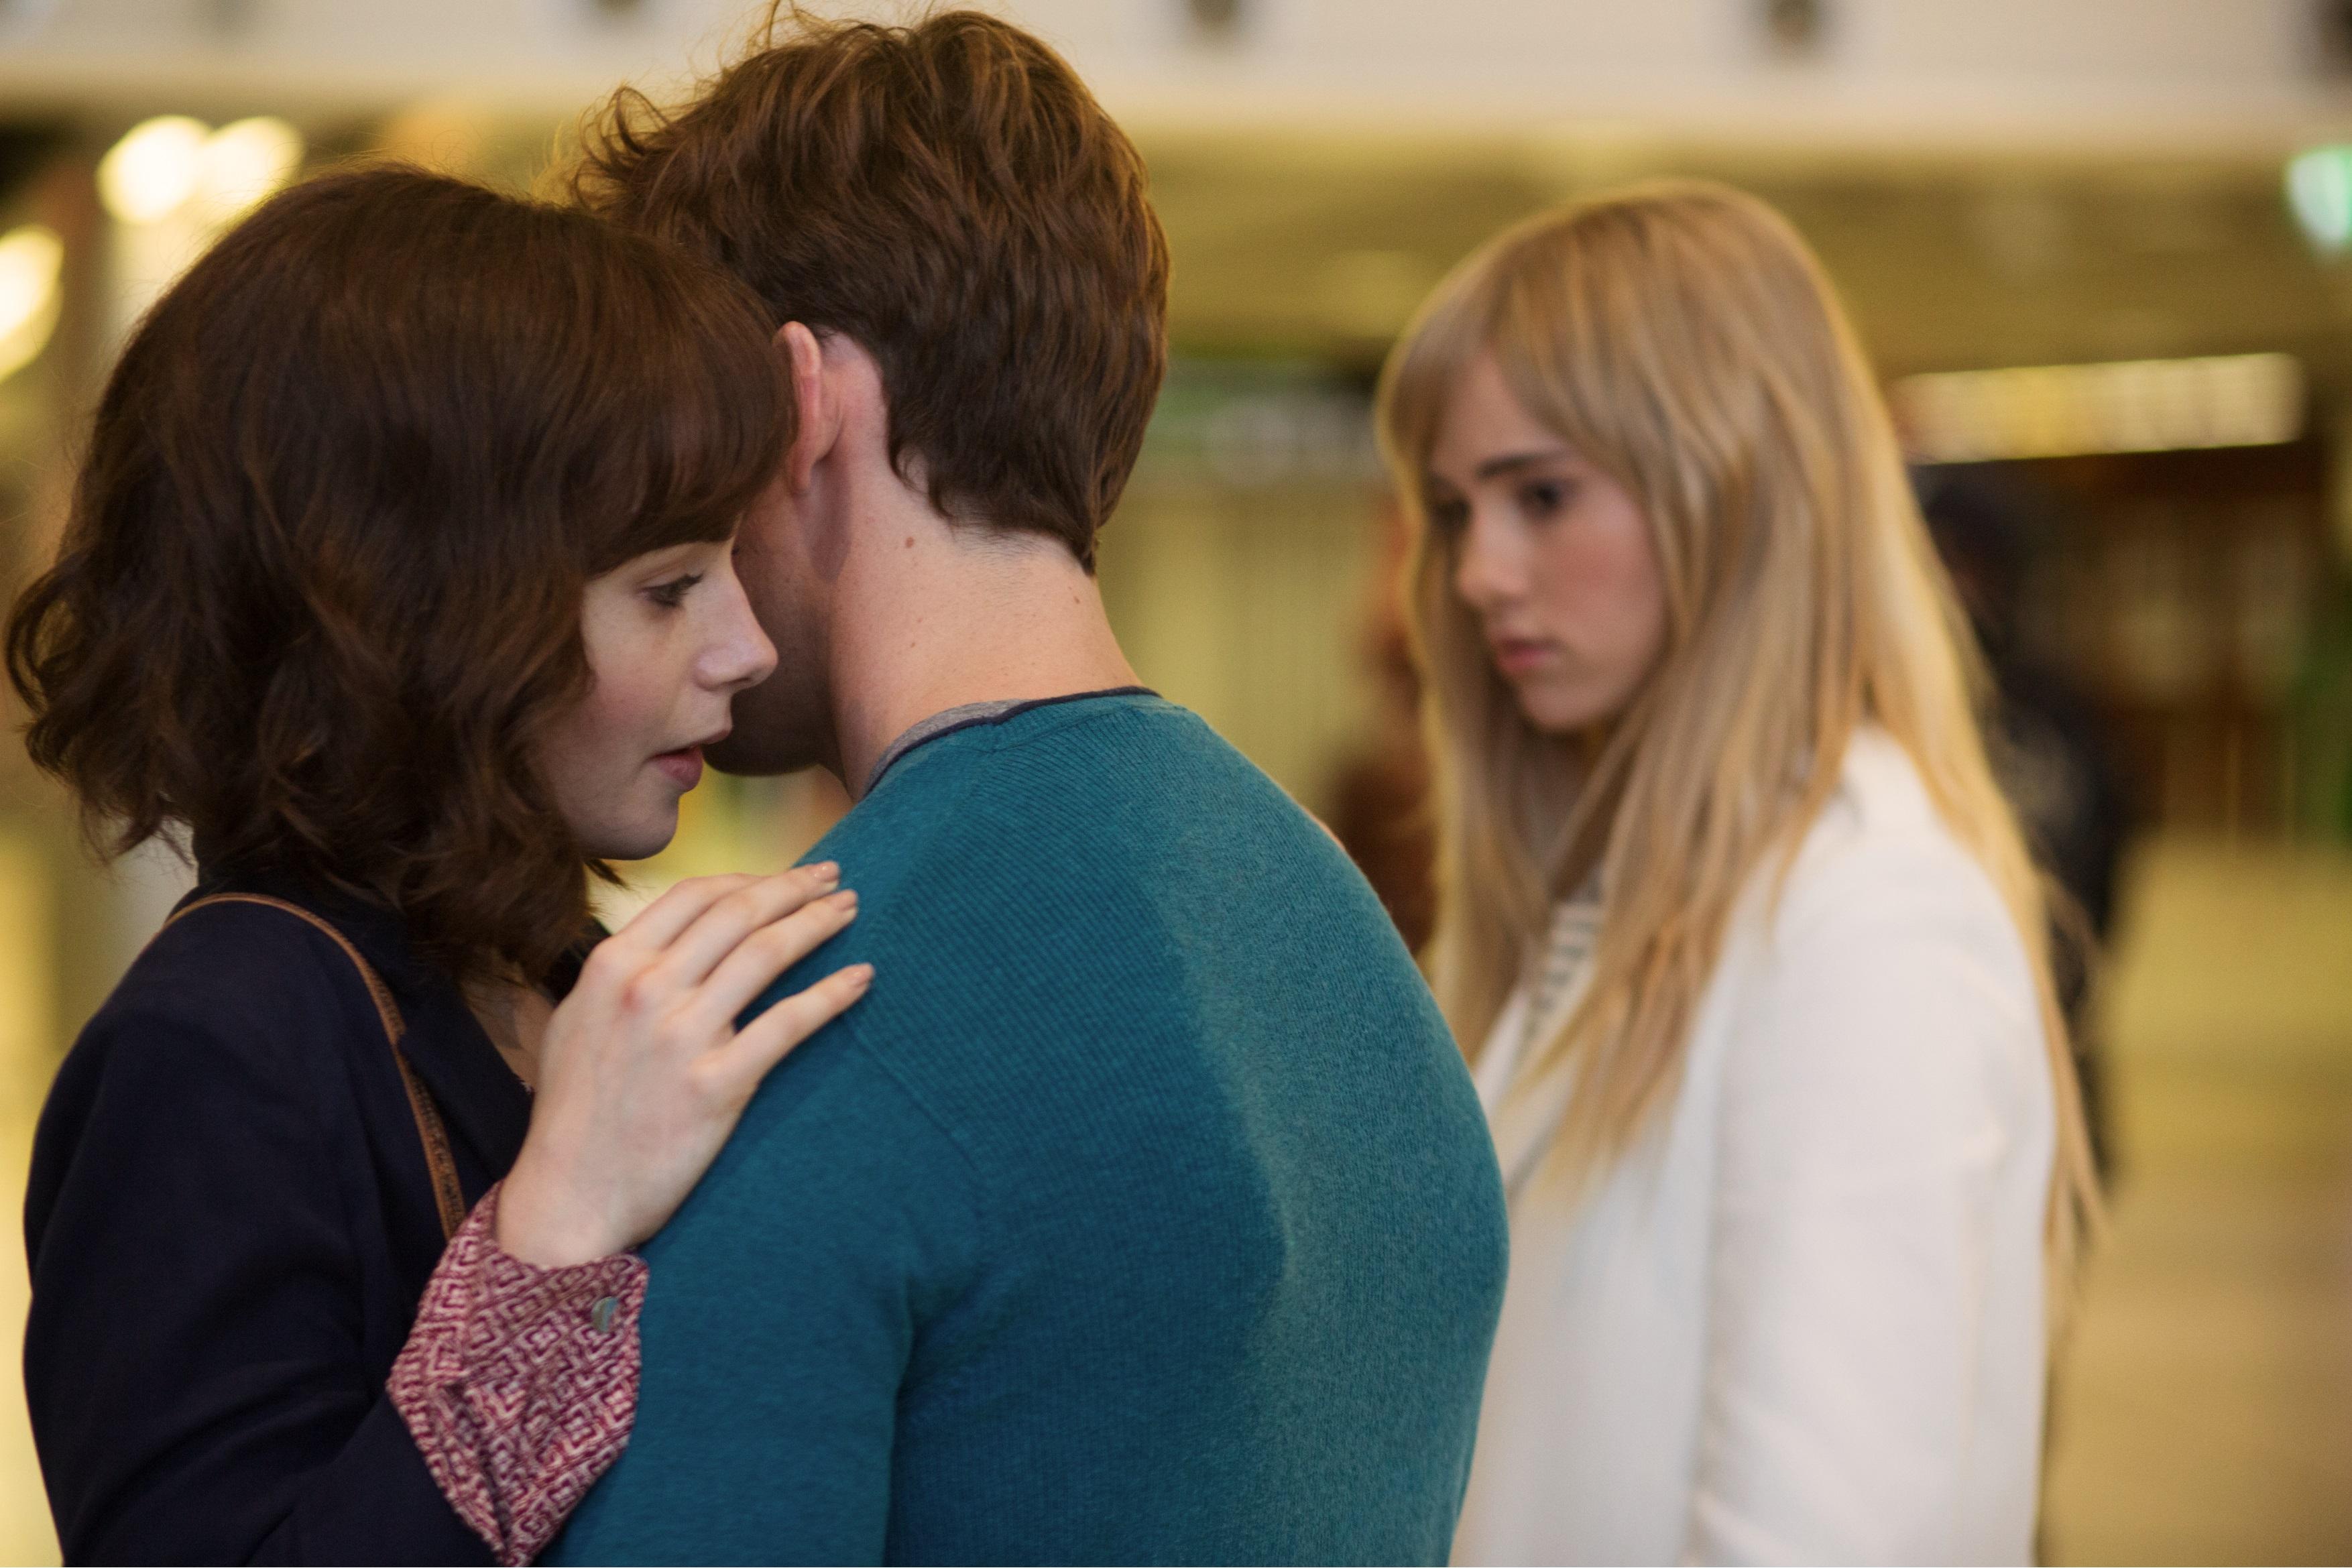 смотреть онлайн фильм два парня и девушка глаза